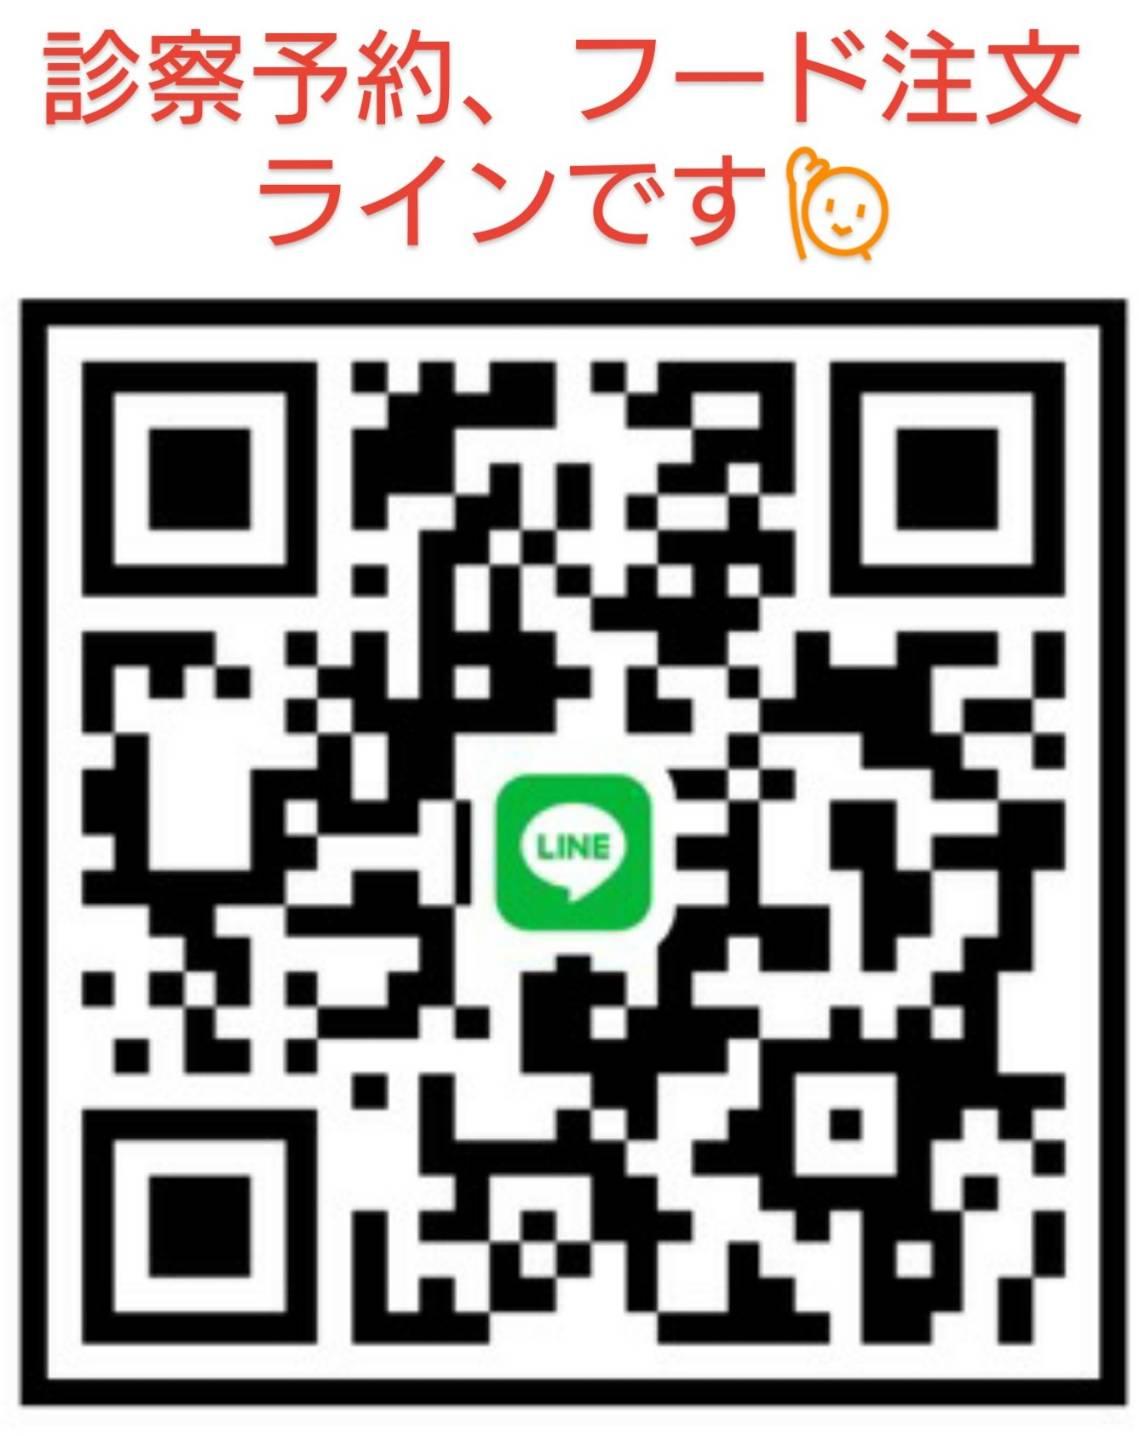 予約専用QRコード